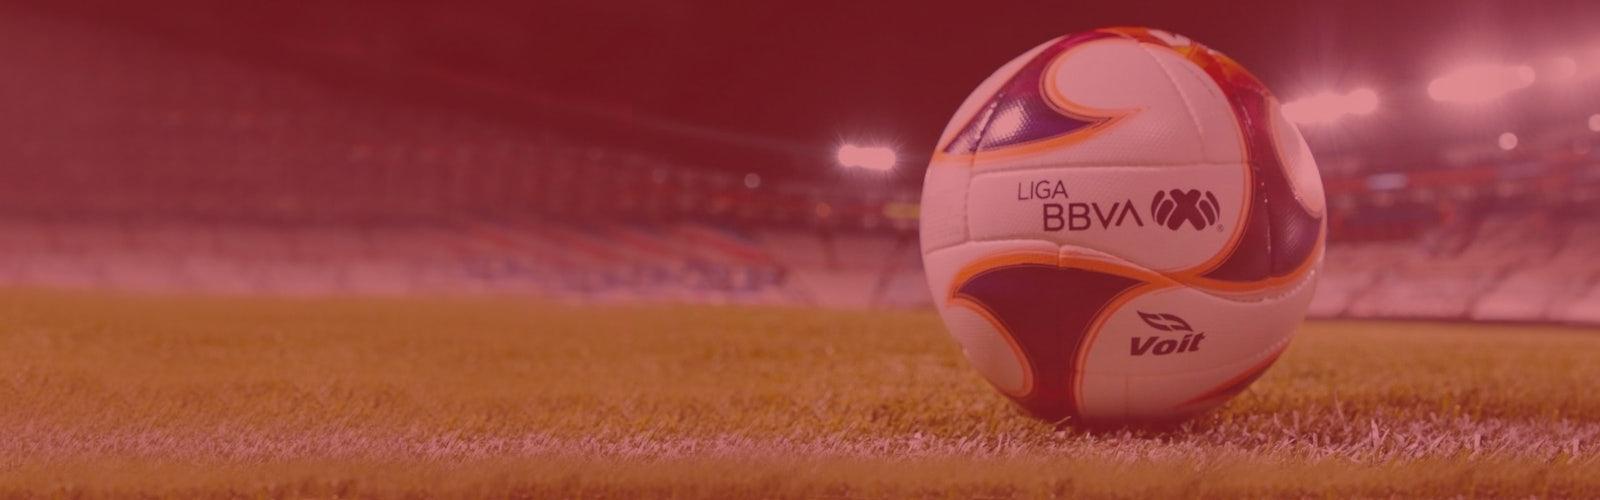 Apuestas futbol mexico 5